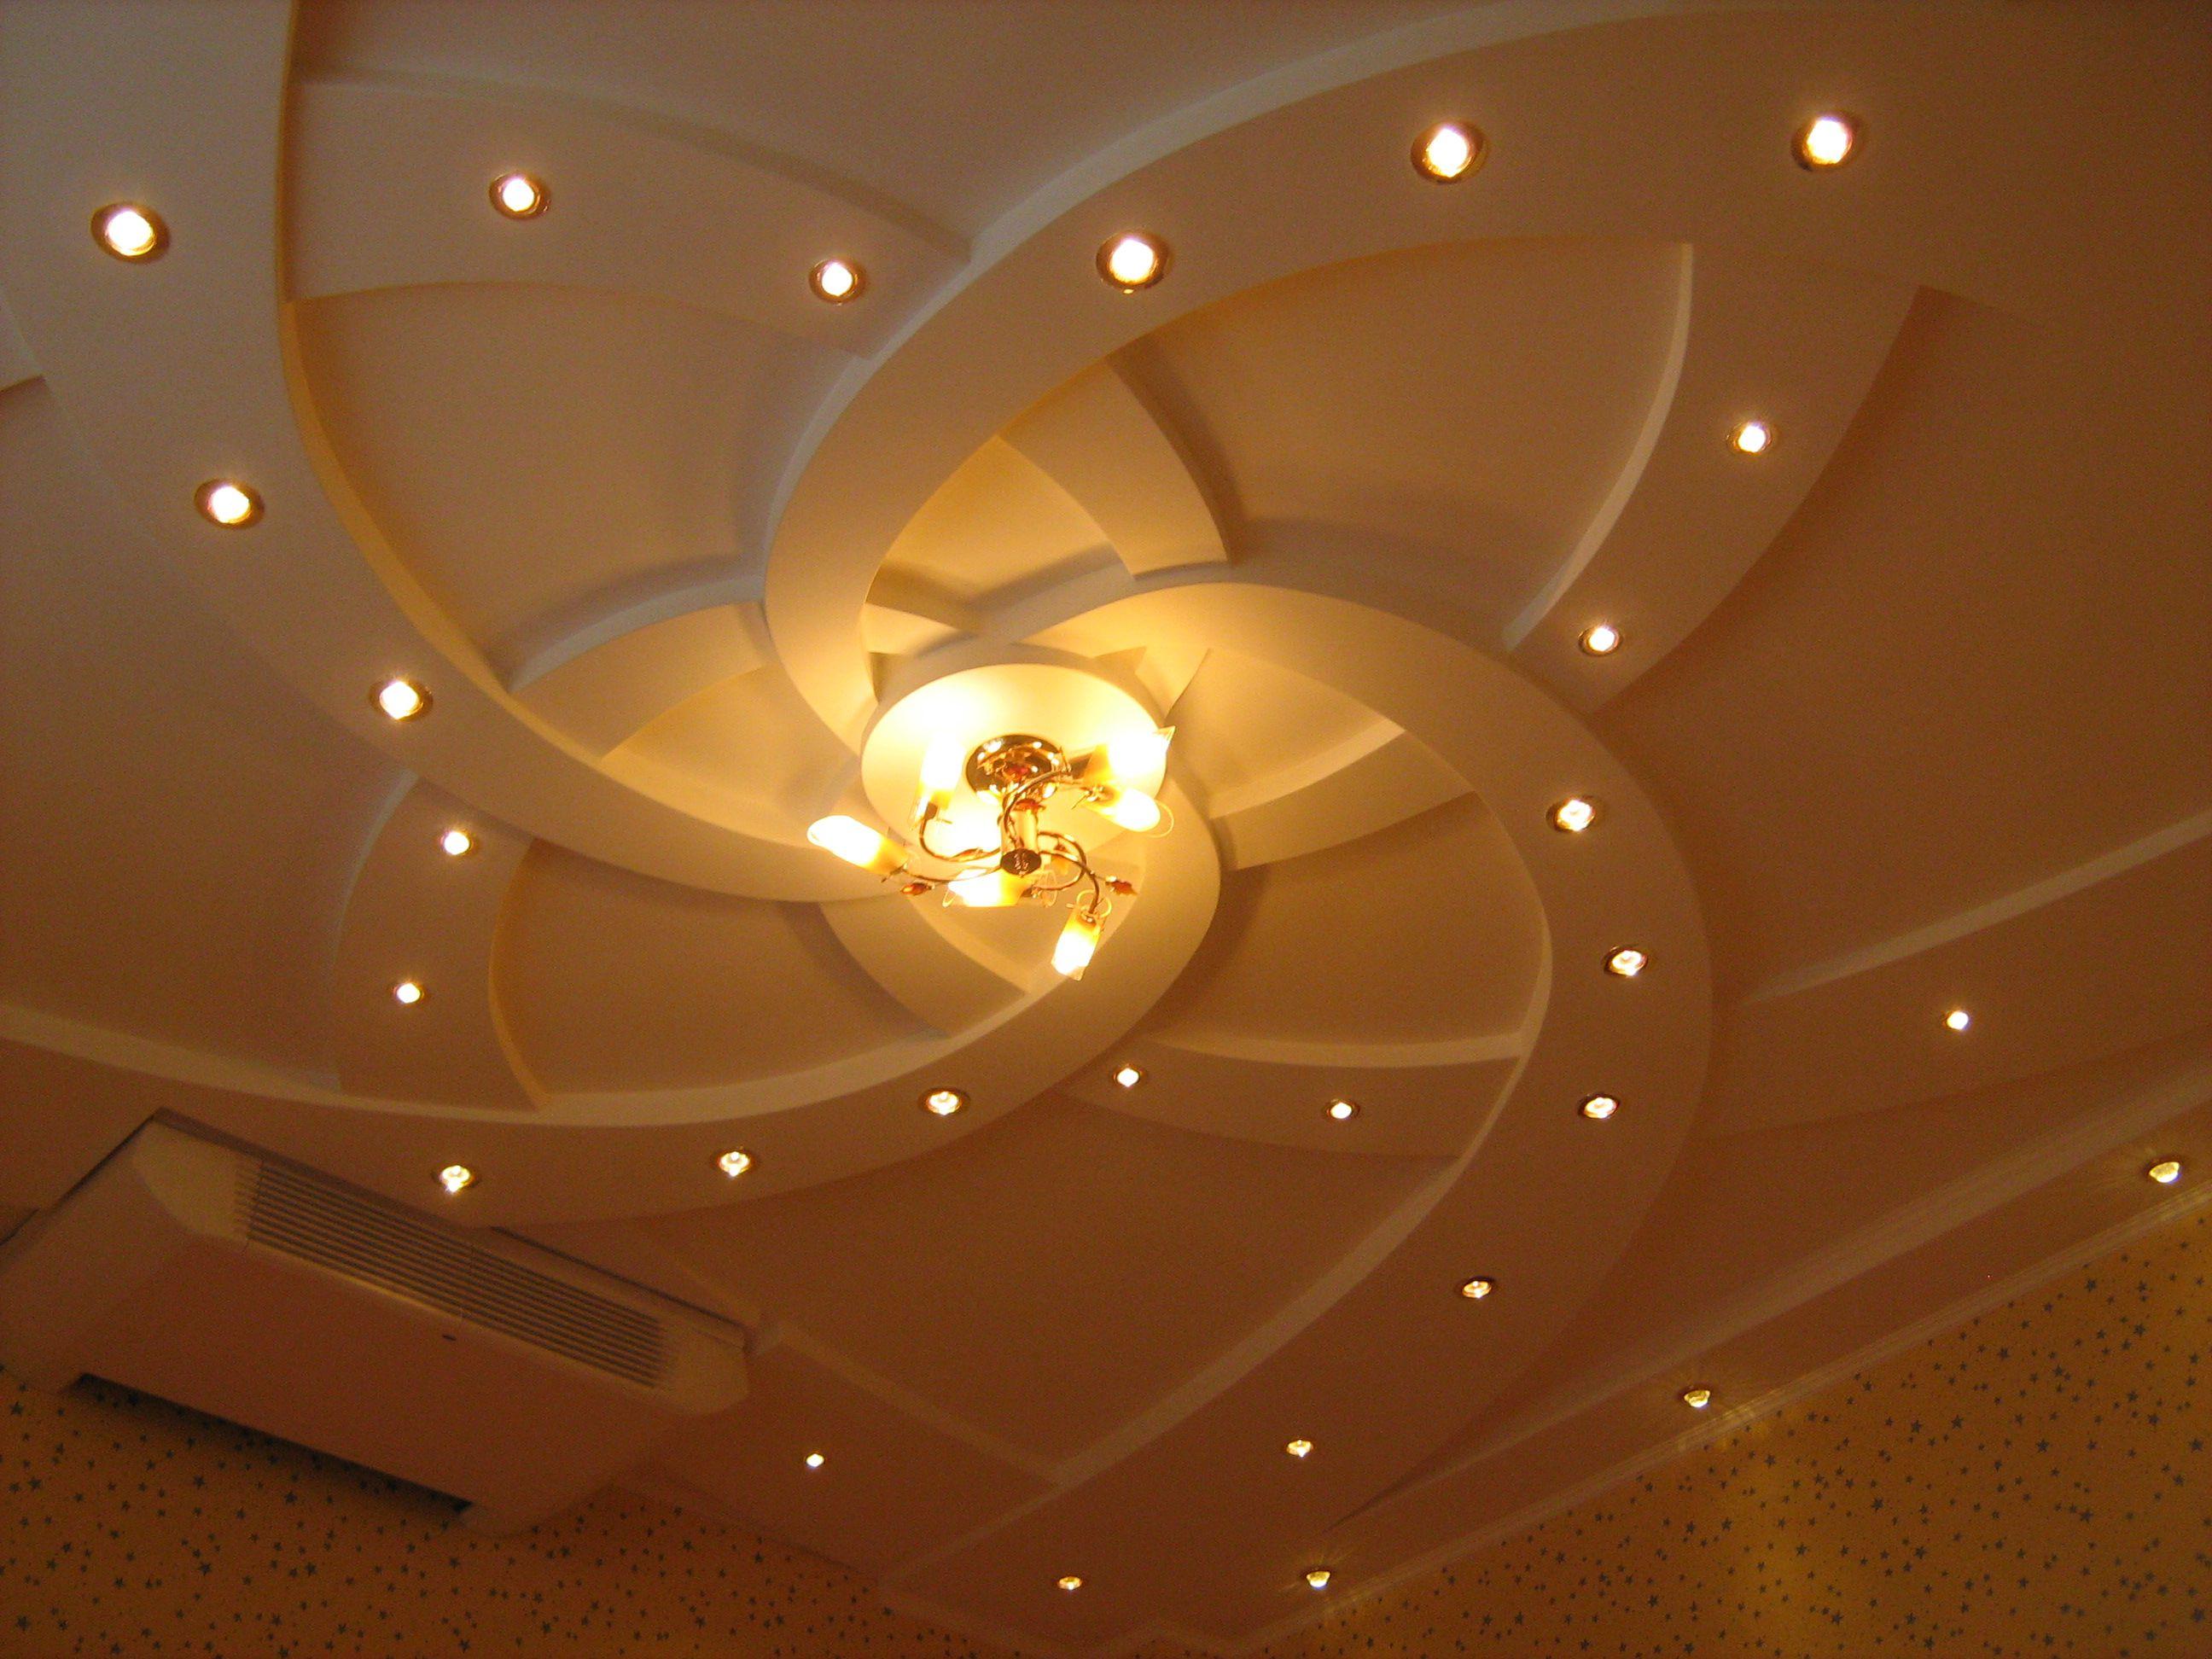 Преимущества гипсокартонных потолков | Короб из гипсокартона на потолке под натяжной потолок